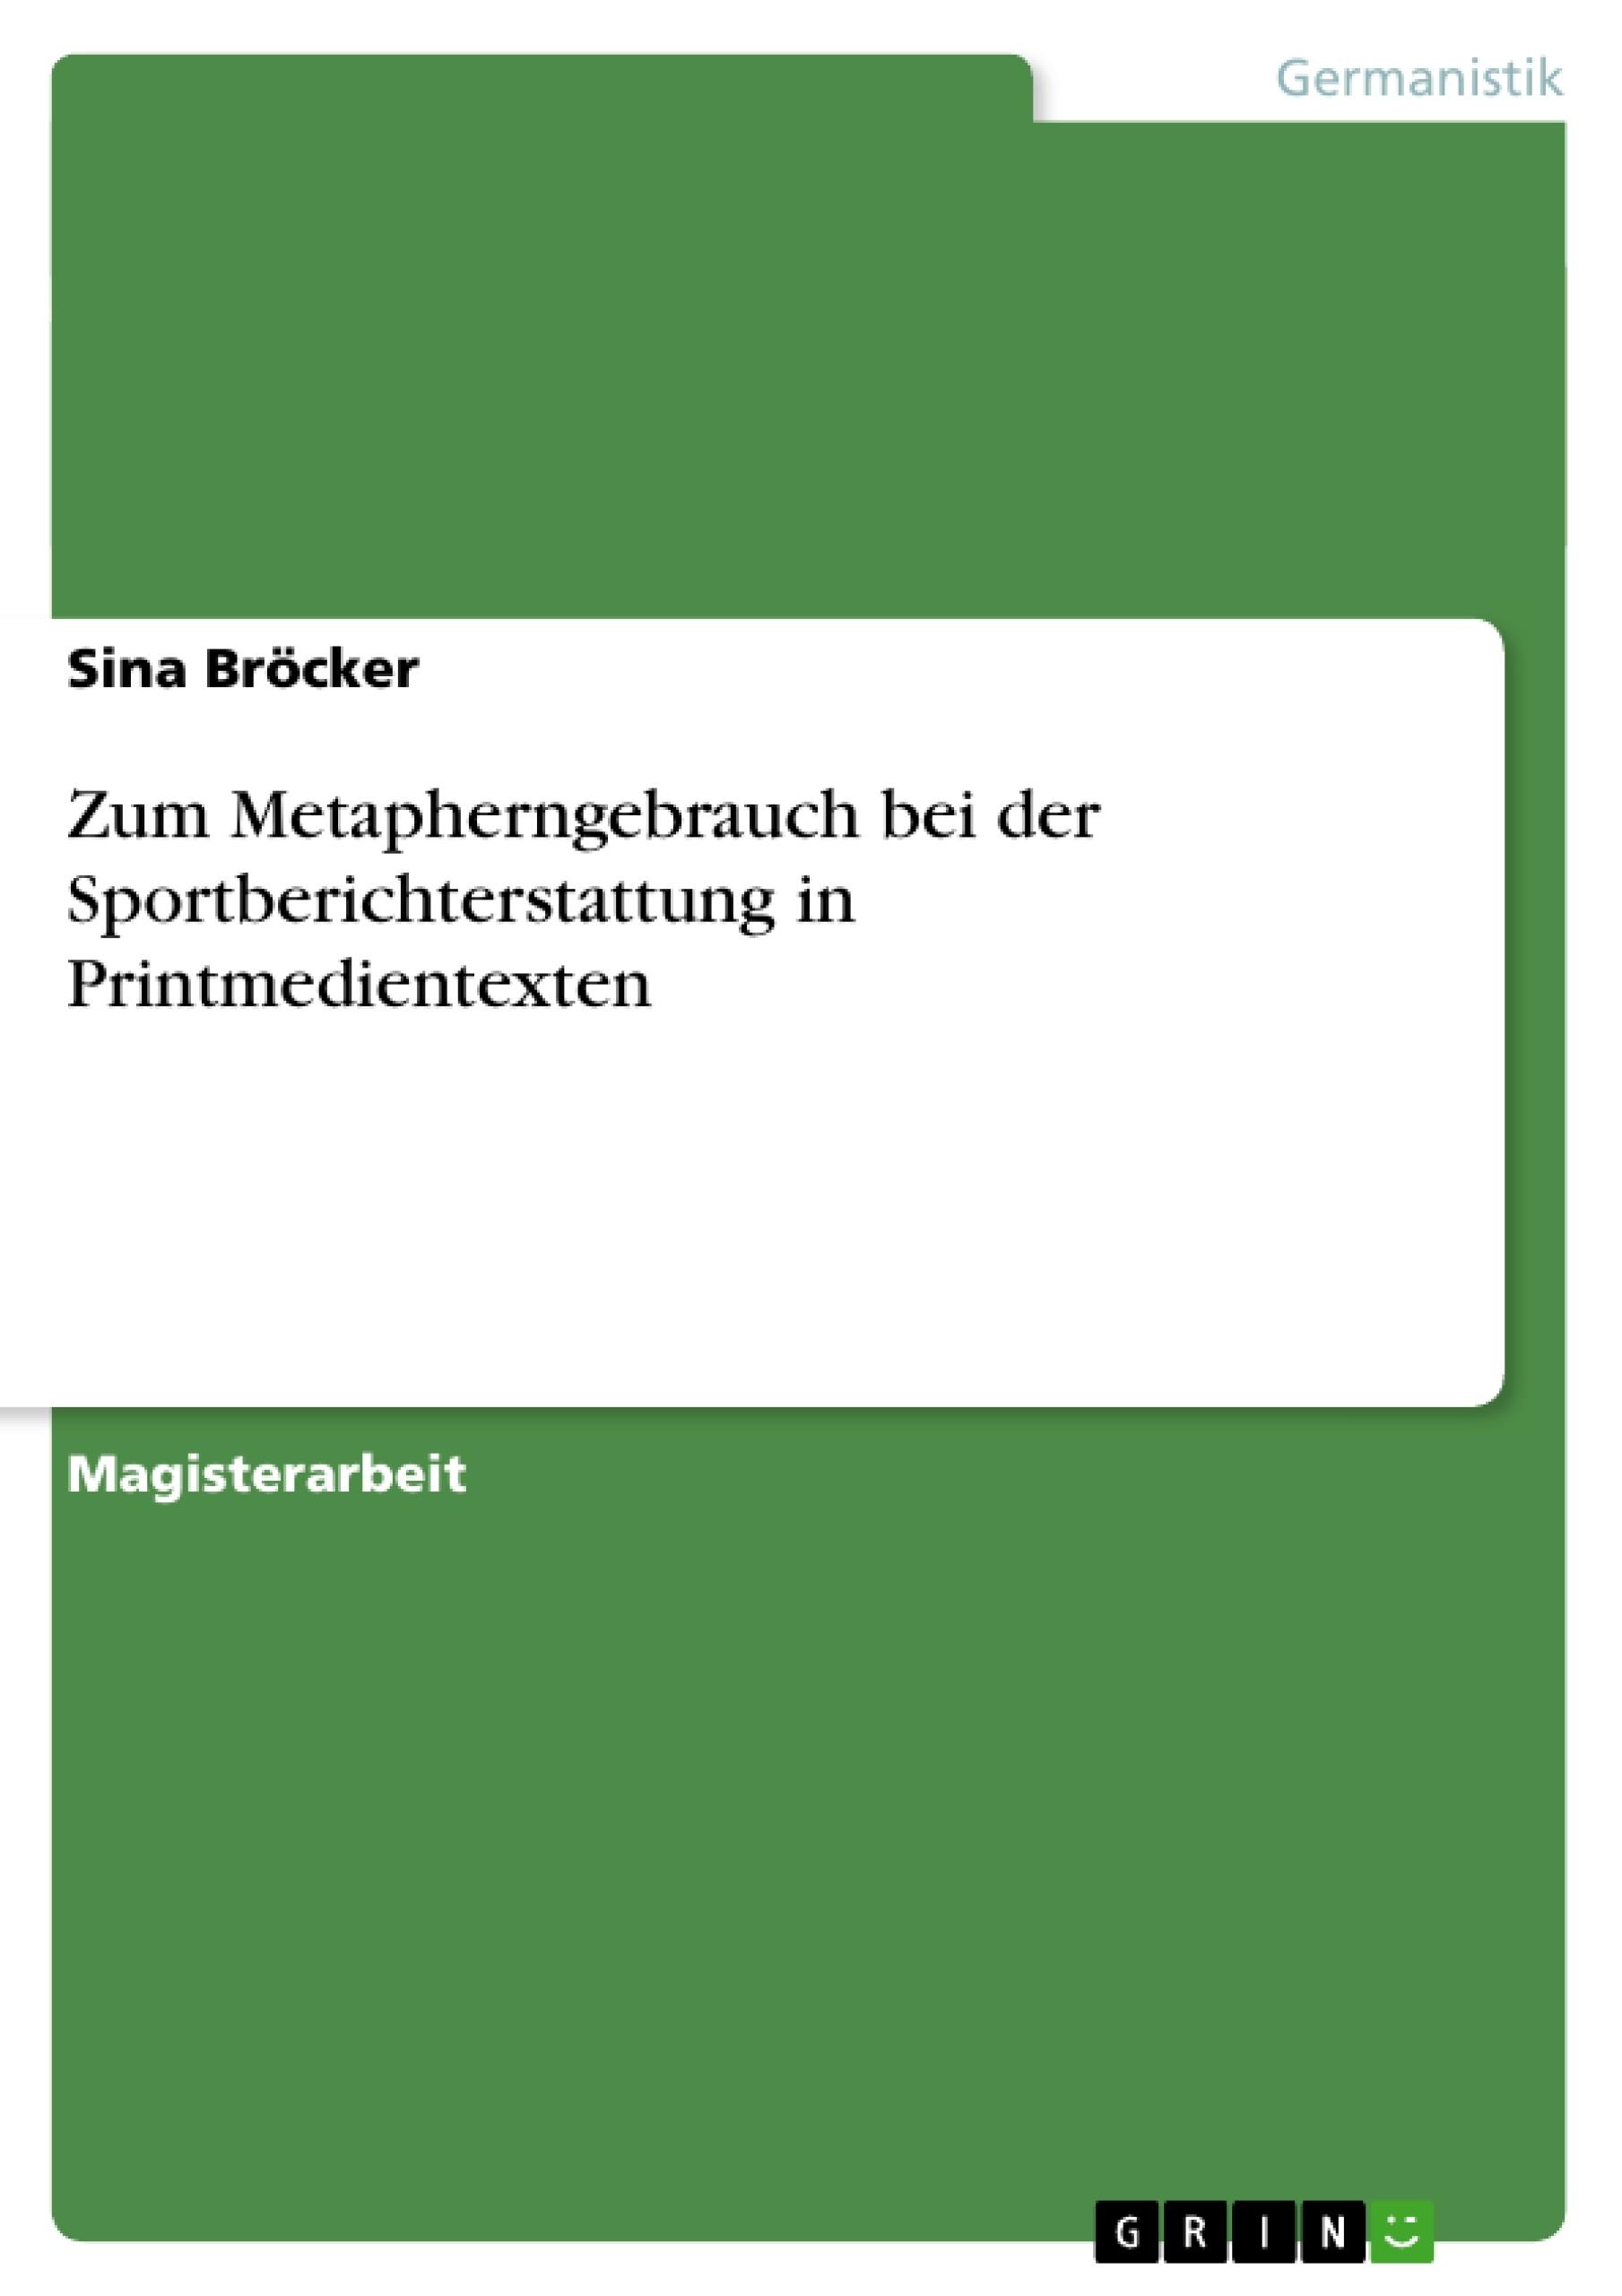 Titel: Zum Metapherngebrauch bei der Sportberichterstattung in Printmedientexten